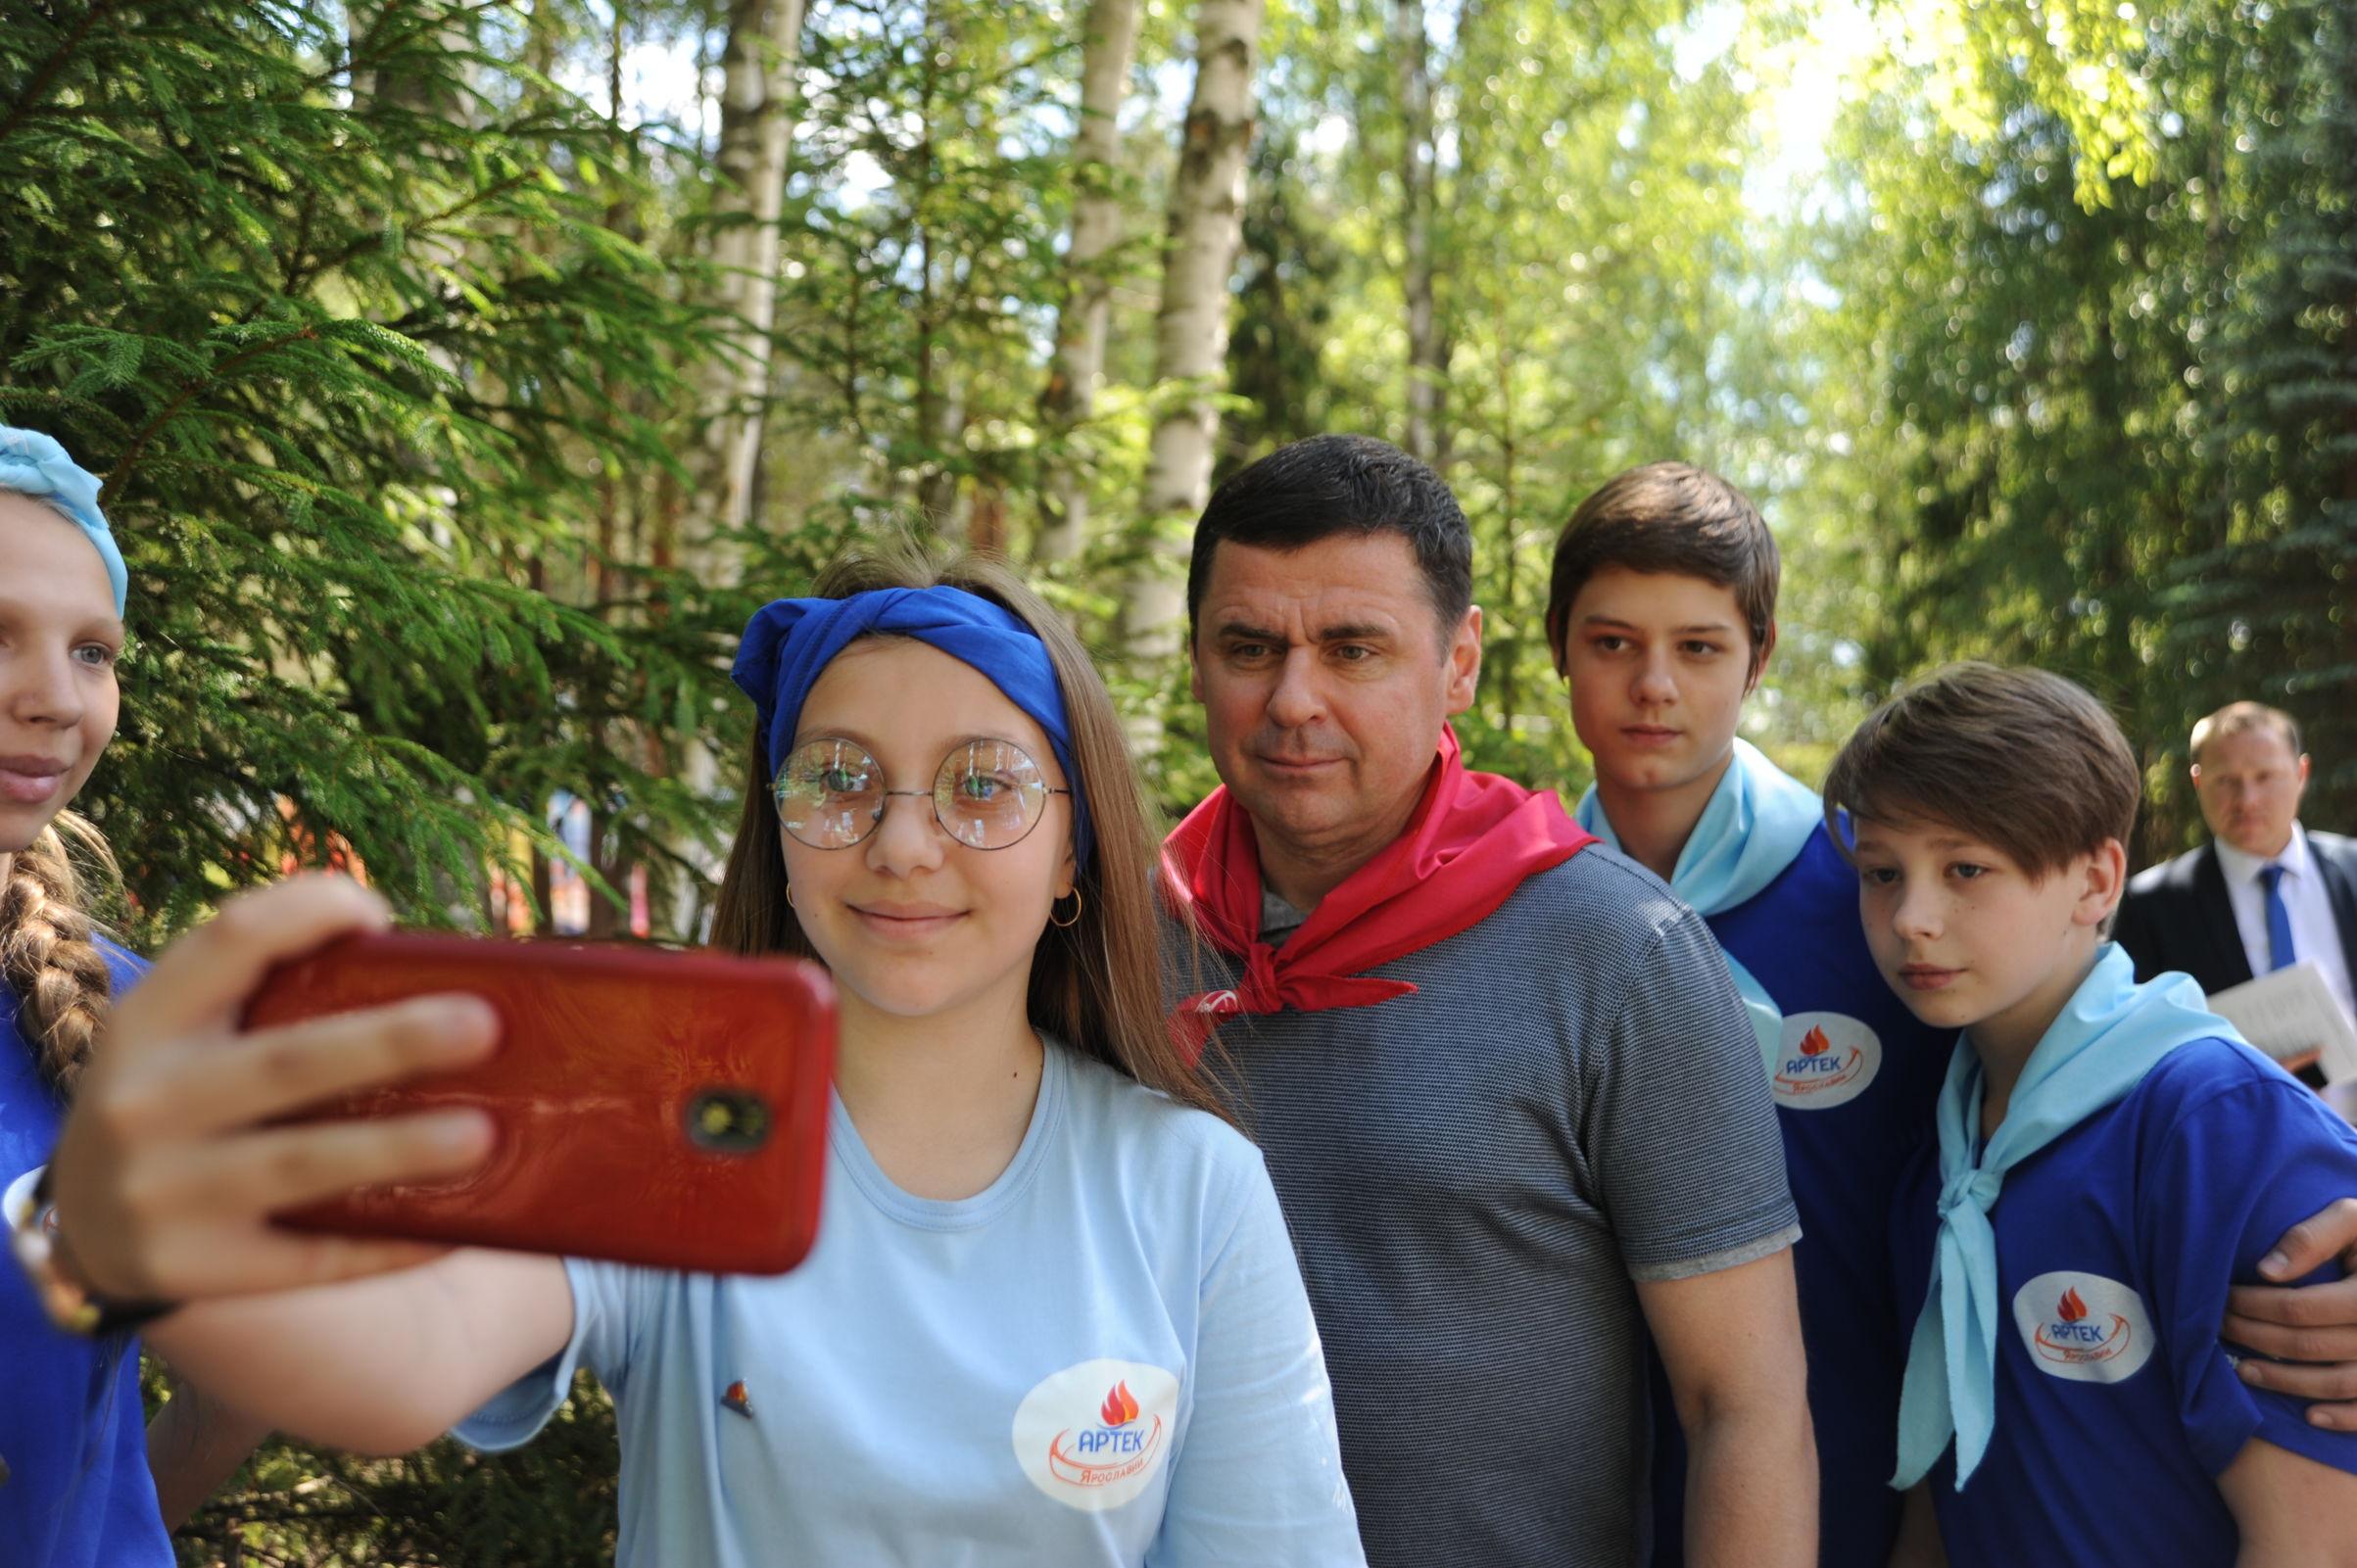 Дмитрий Миронов в загородном лагере дал старт проекту «Артек Ярославии»